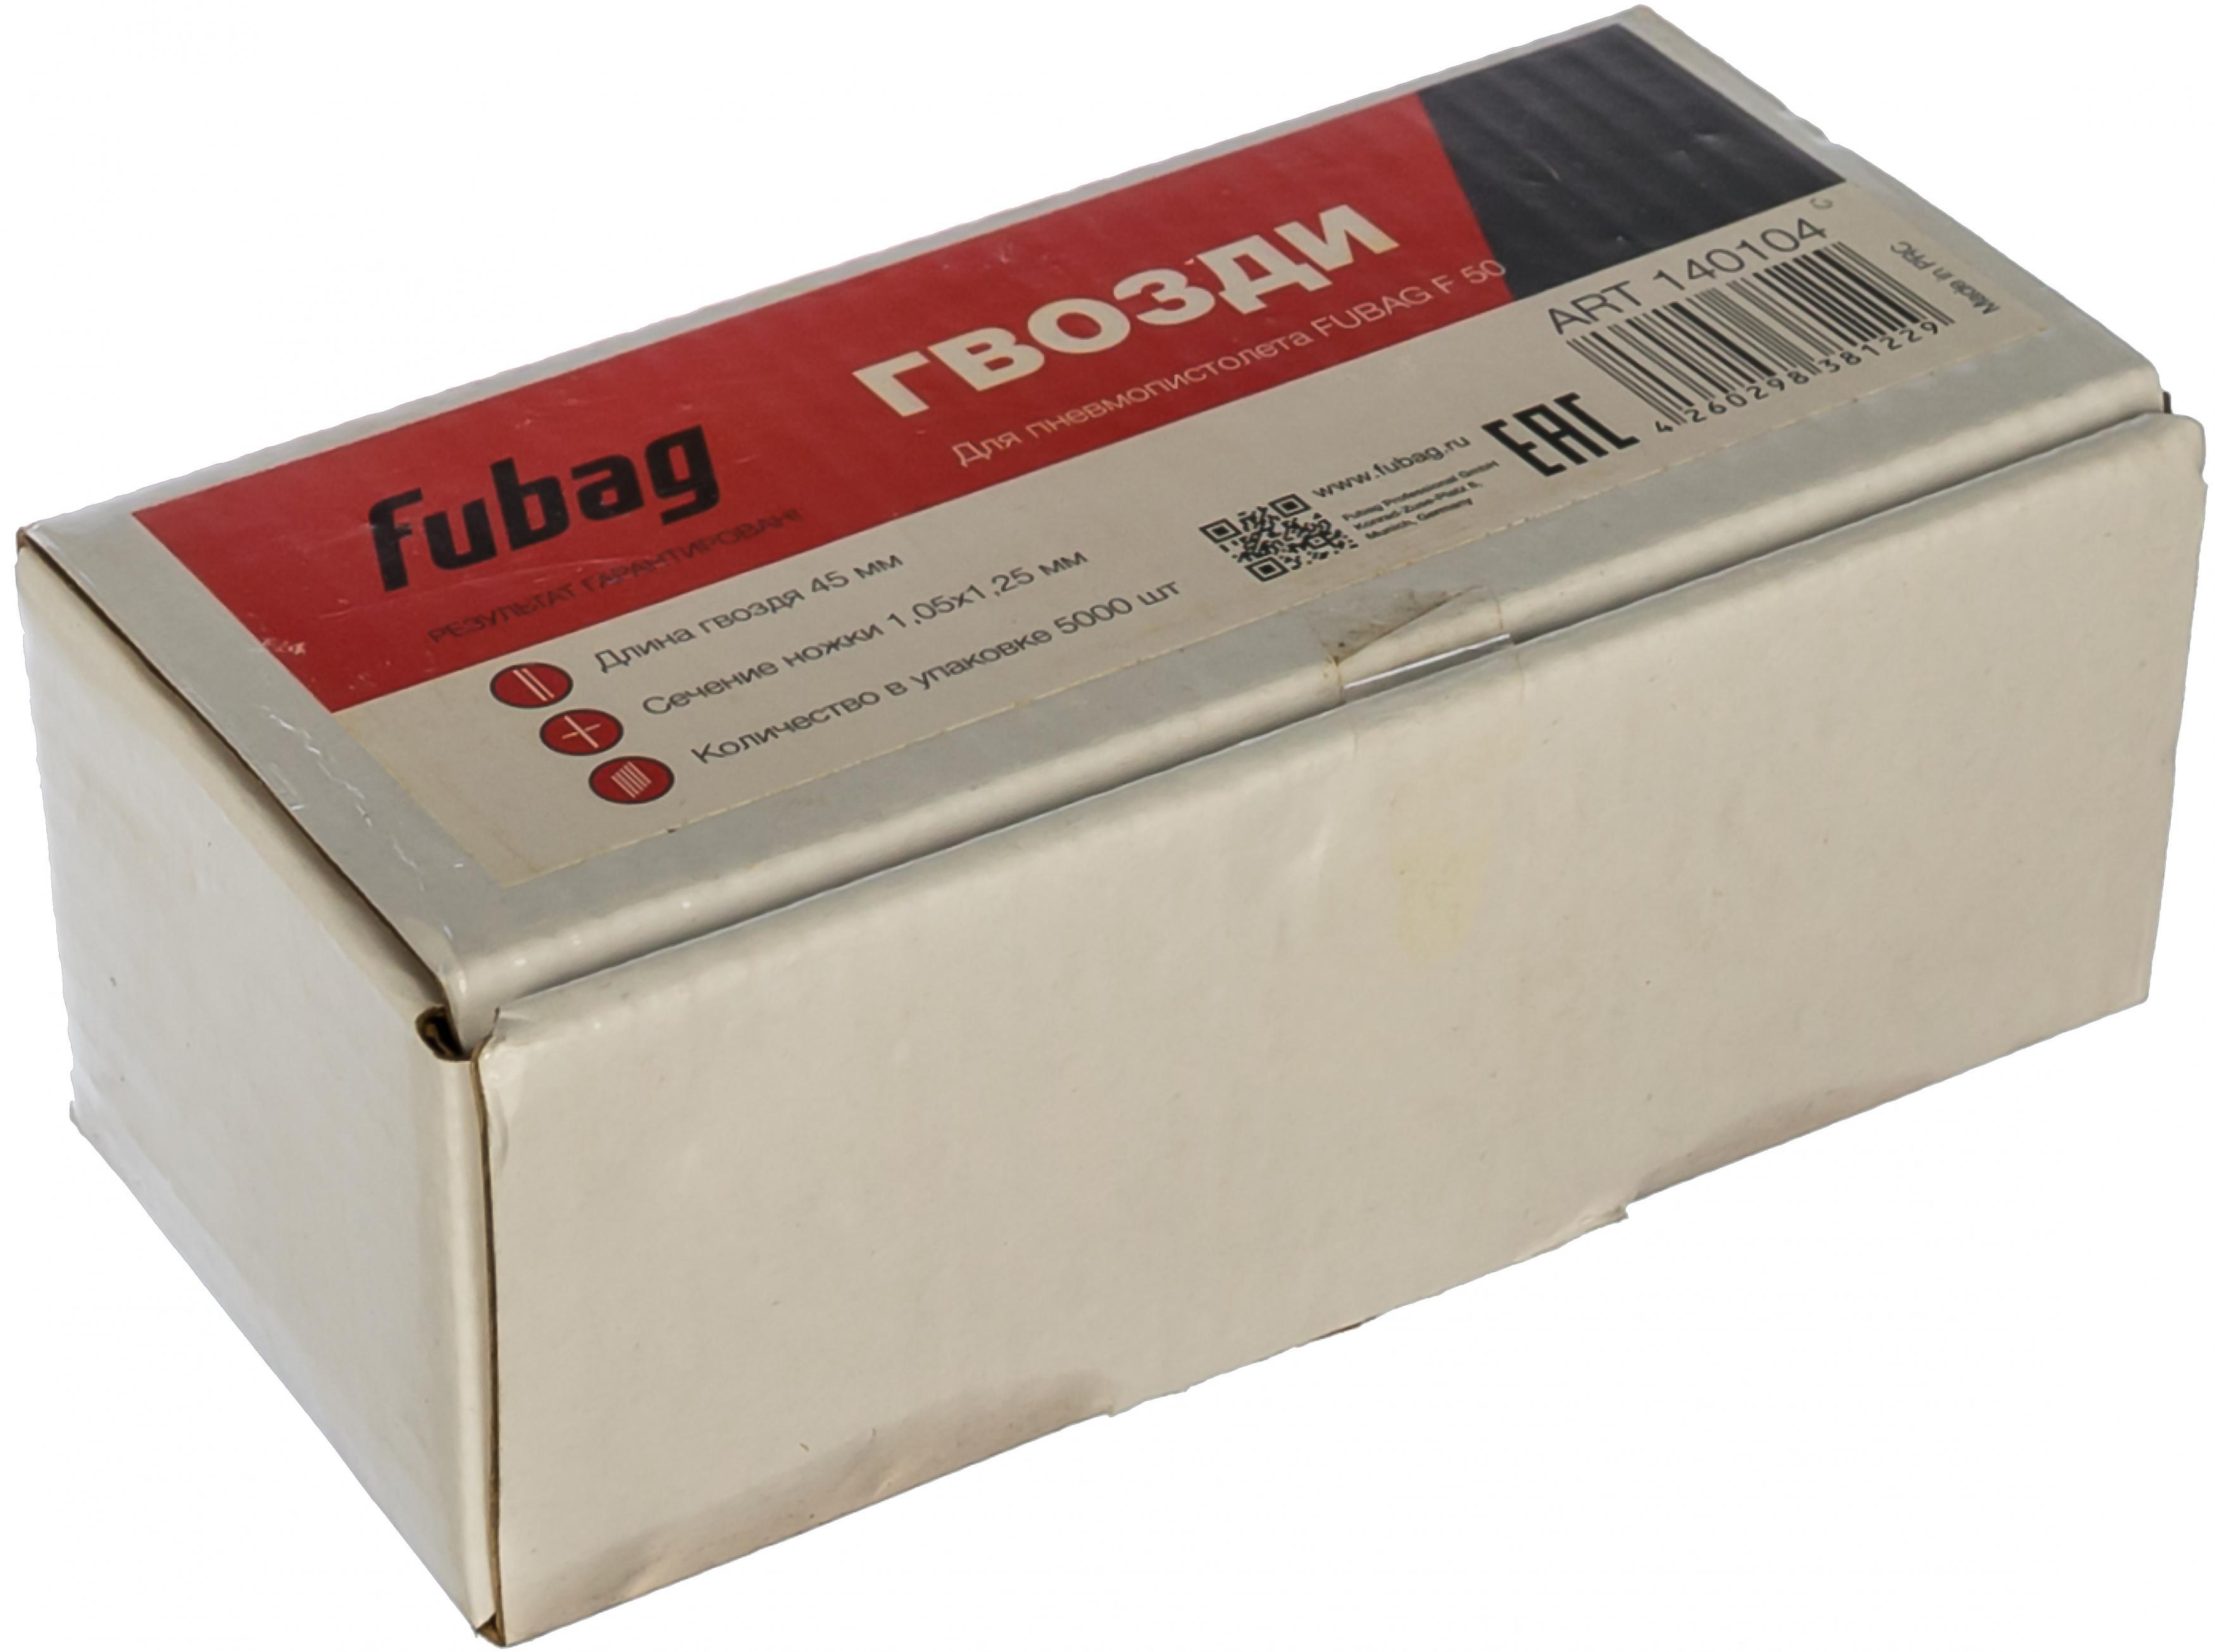 Гвозди для степлера Fubag для f50 140104 гвоздь fubag 45мм 1 05х1 25 5000шт 140104